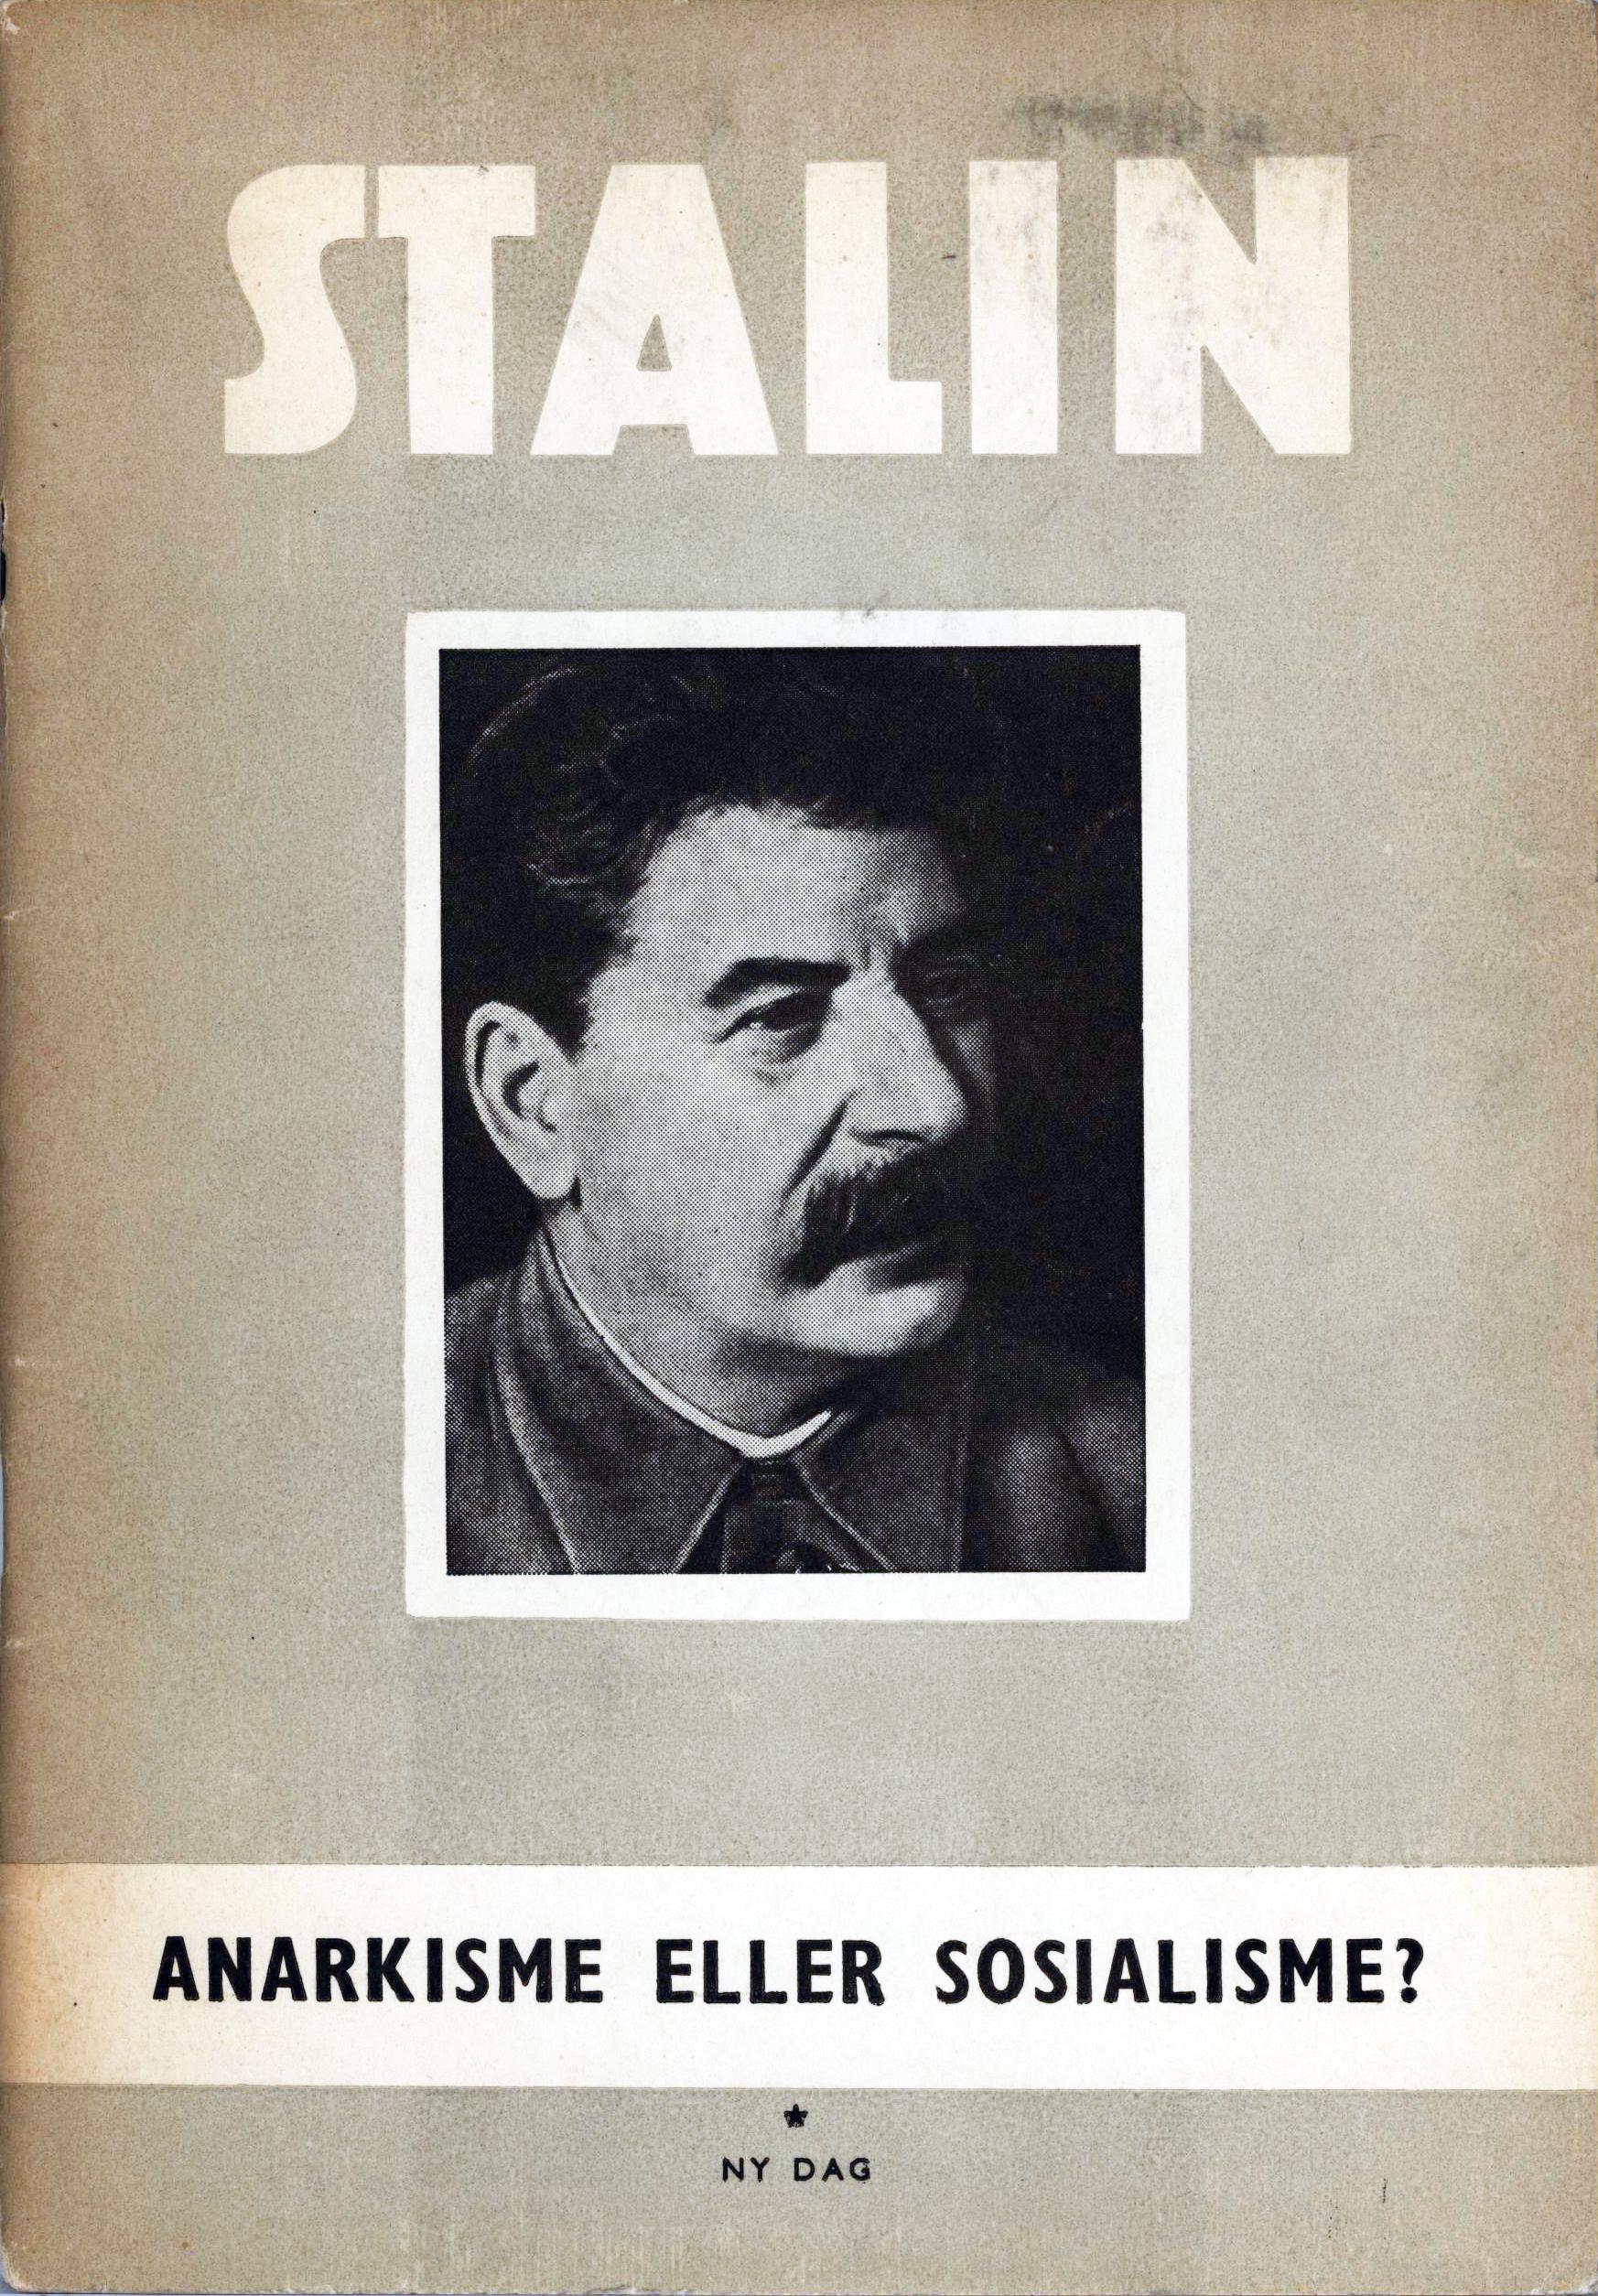 Josef Stalin: Anarkisme eller sosialisme